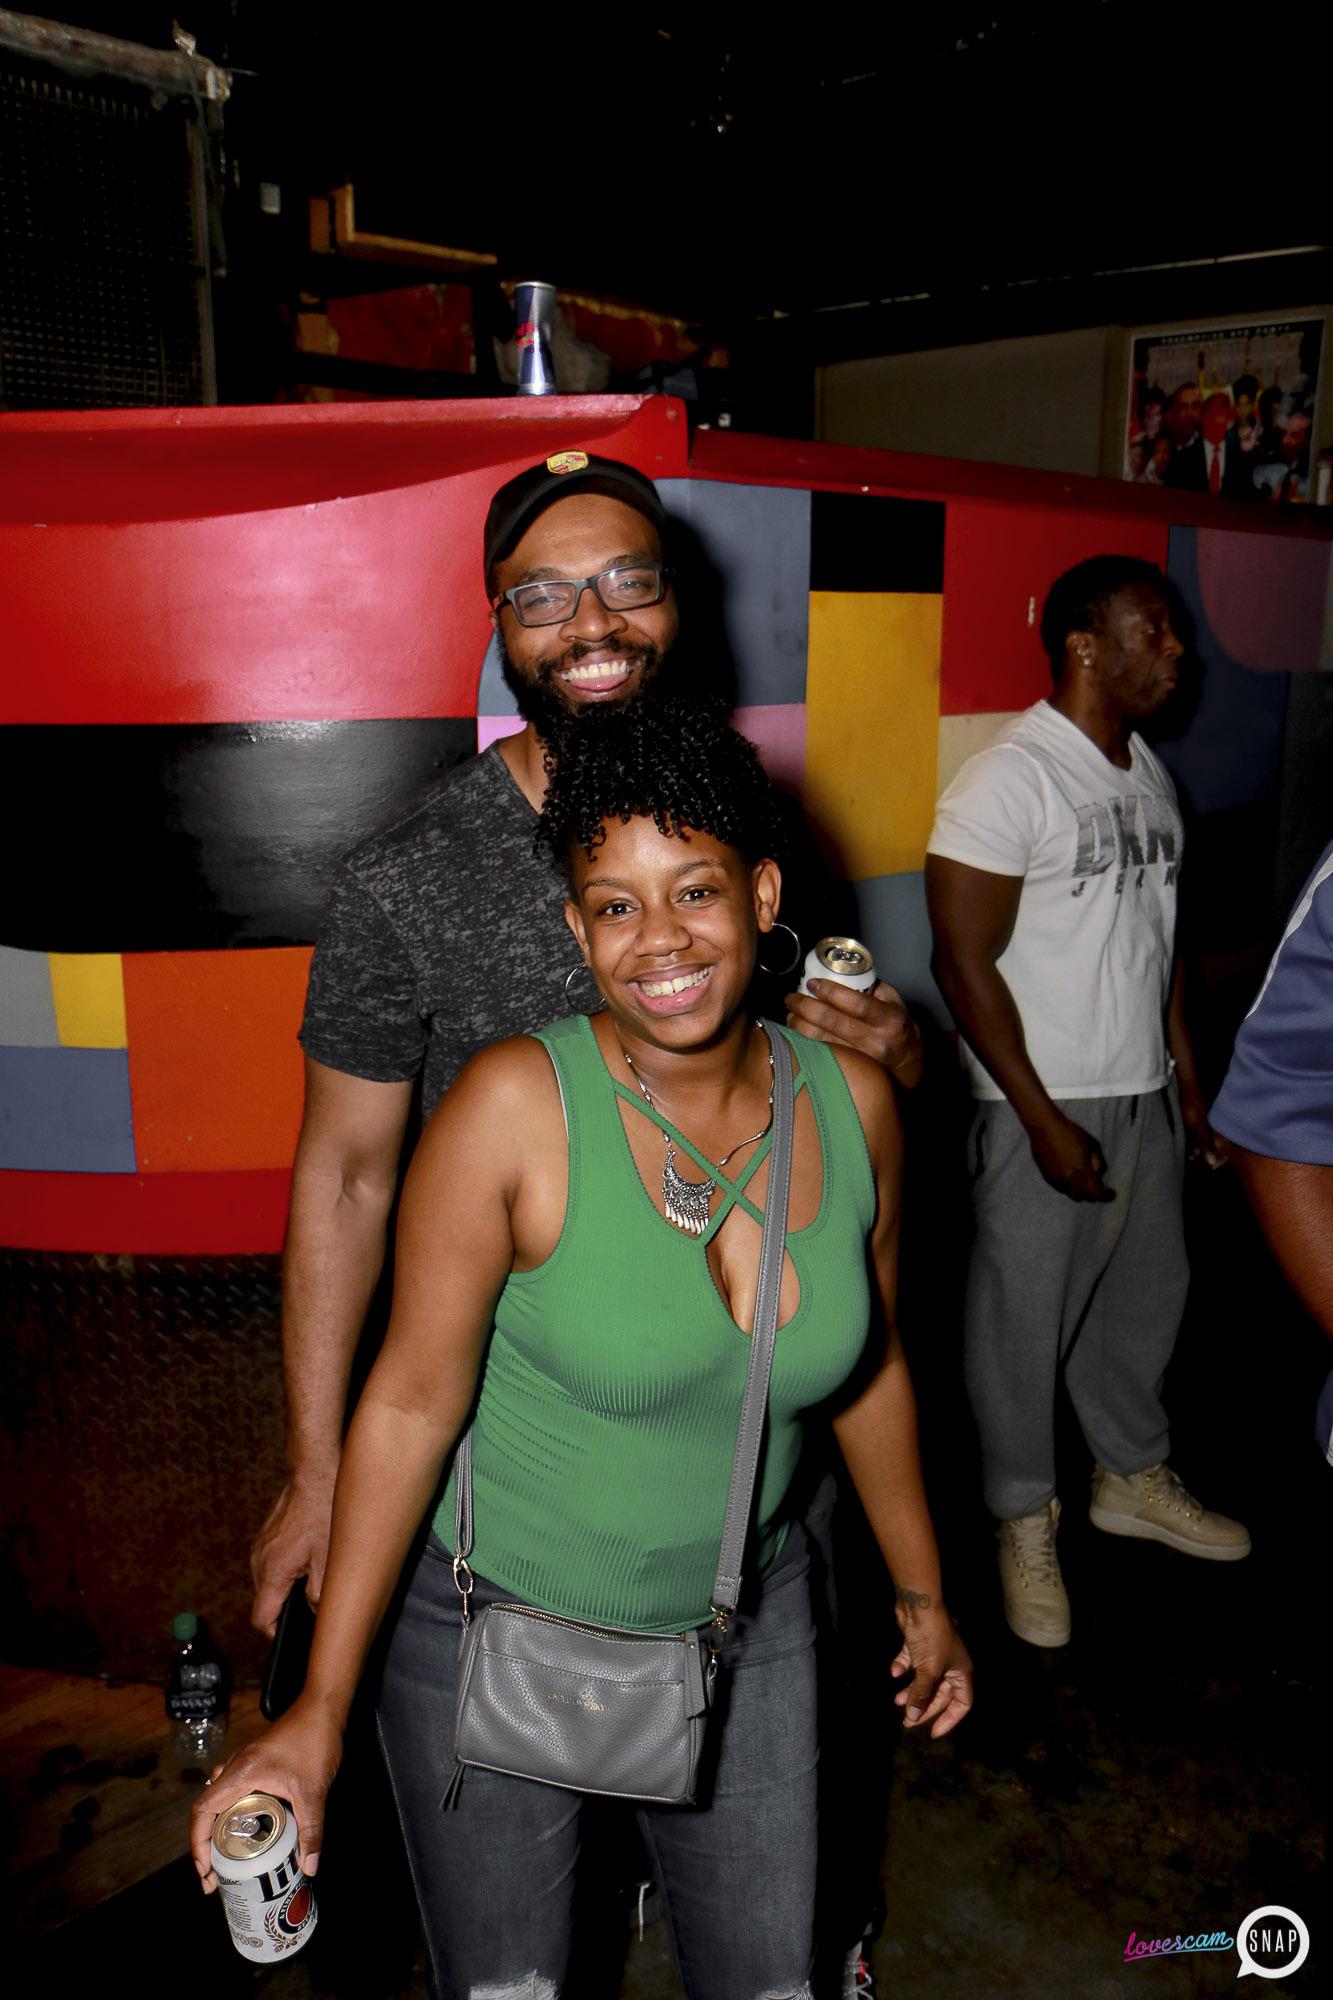 Lovescam-07.20.19-104.jpg